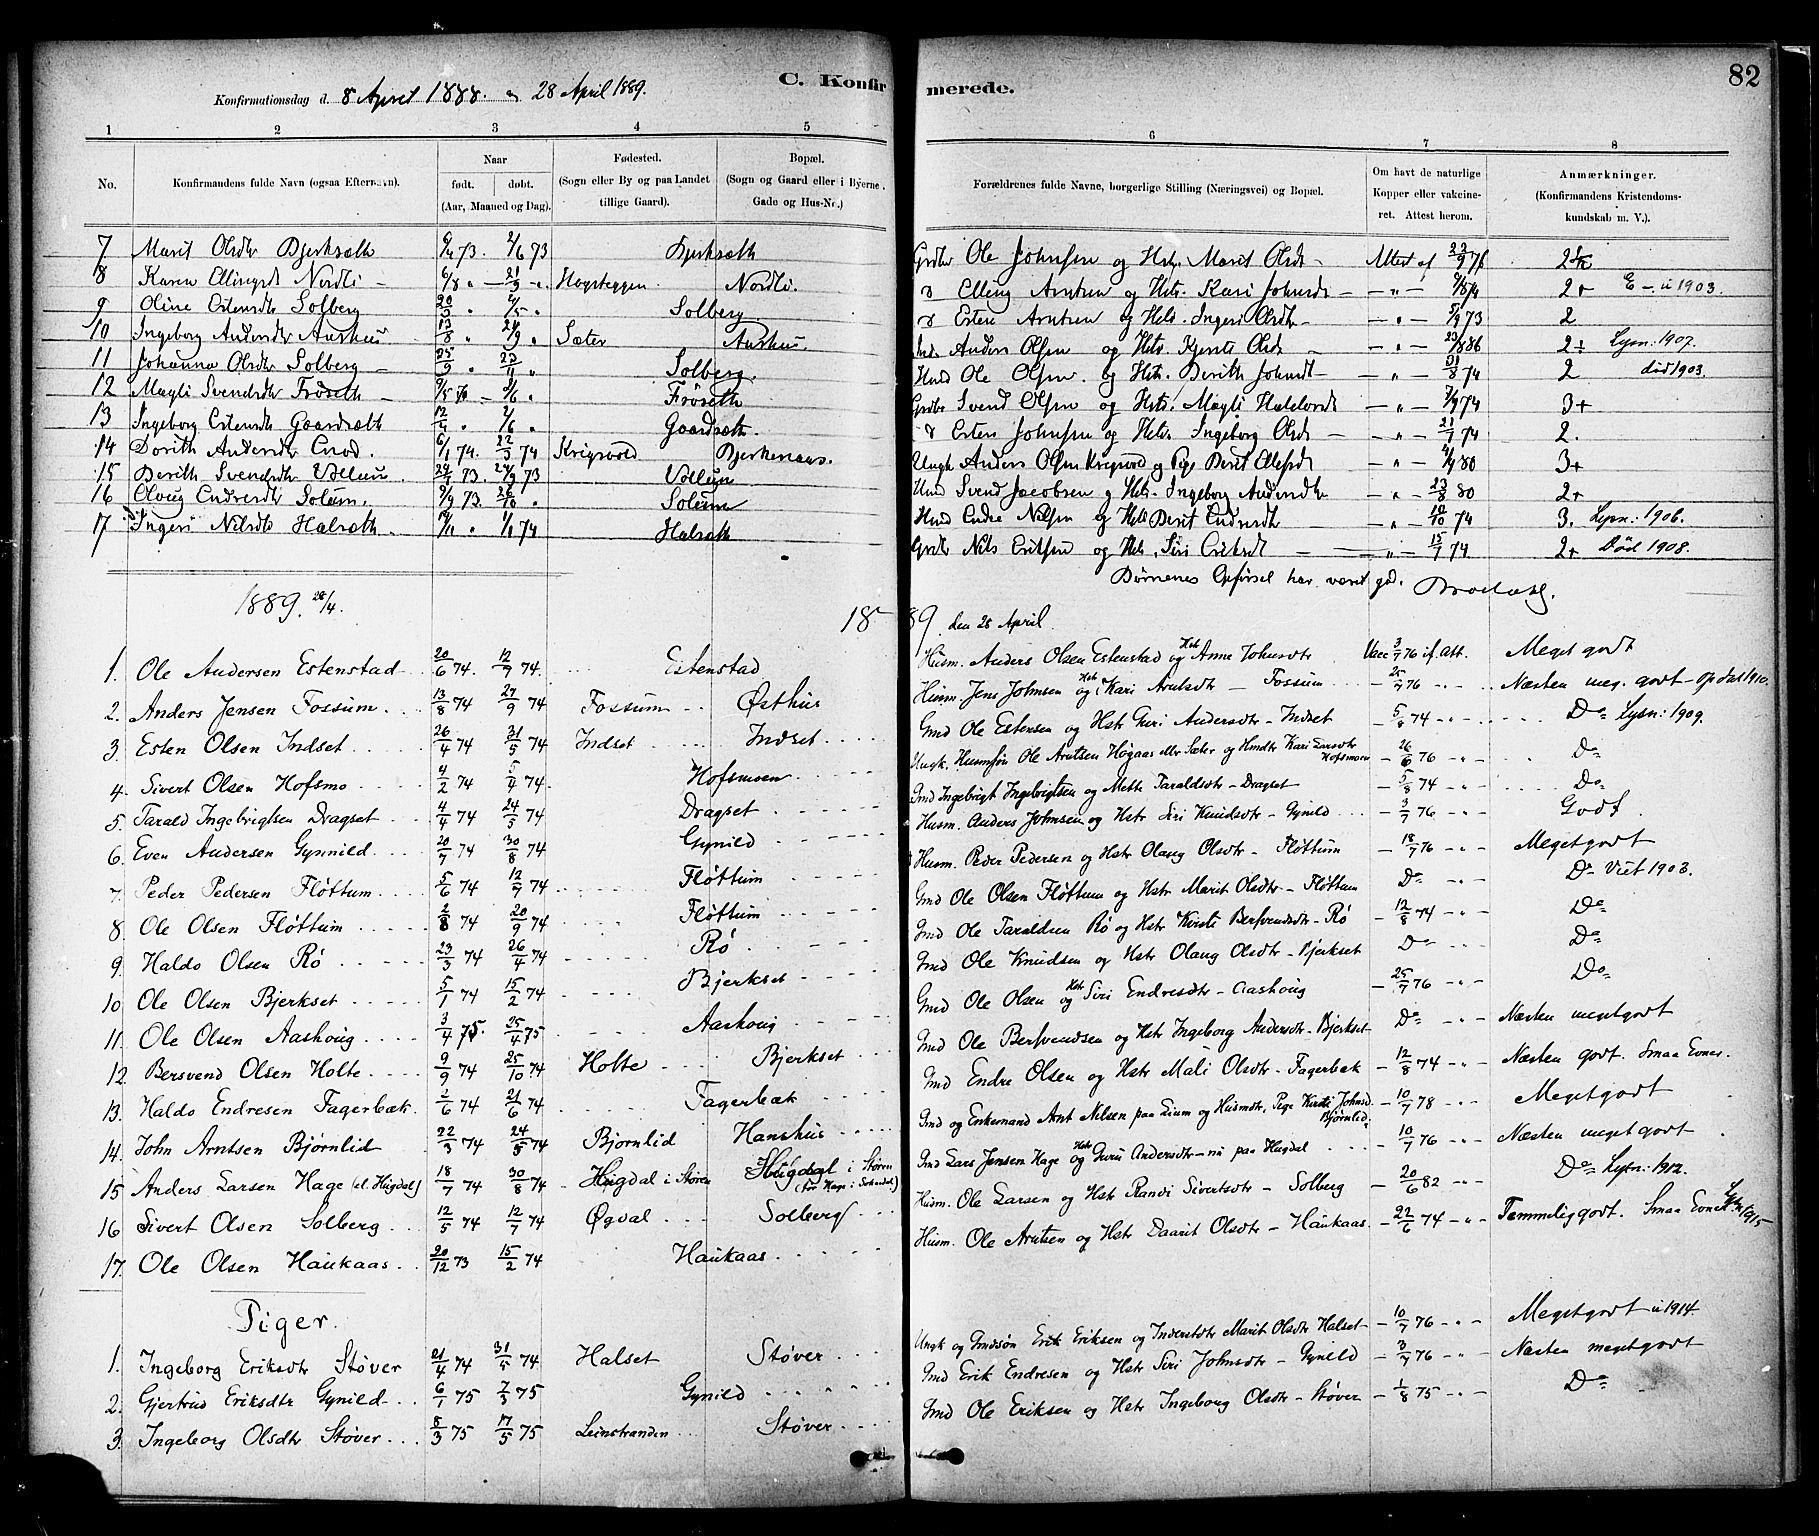 SAT, Ministerialprotokoller, klokkerbøker og fødselsregistre - Sør-Trøndelag, 689/L1040: Ministerialbok nr. 689A05, 1878-1890, s. 82